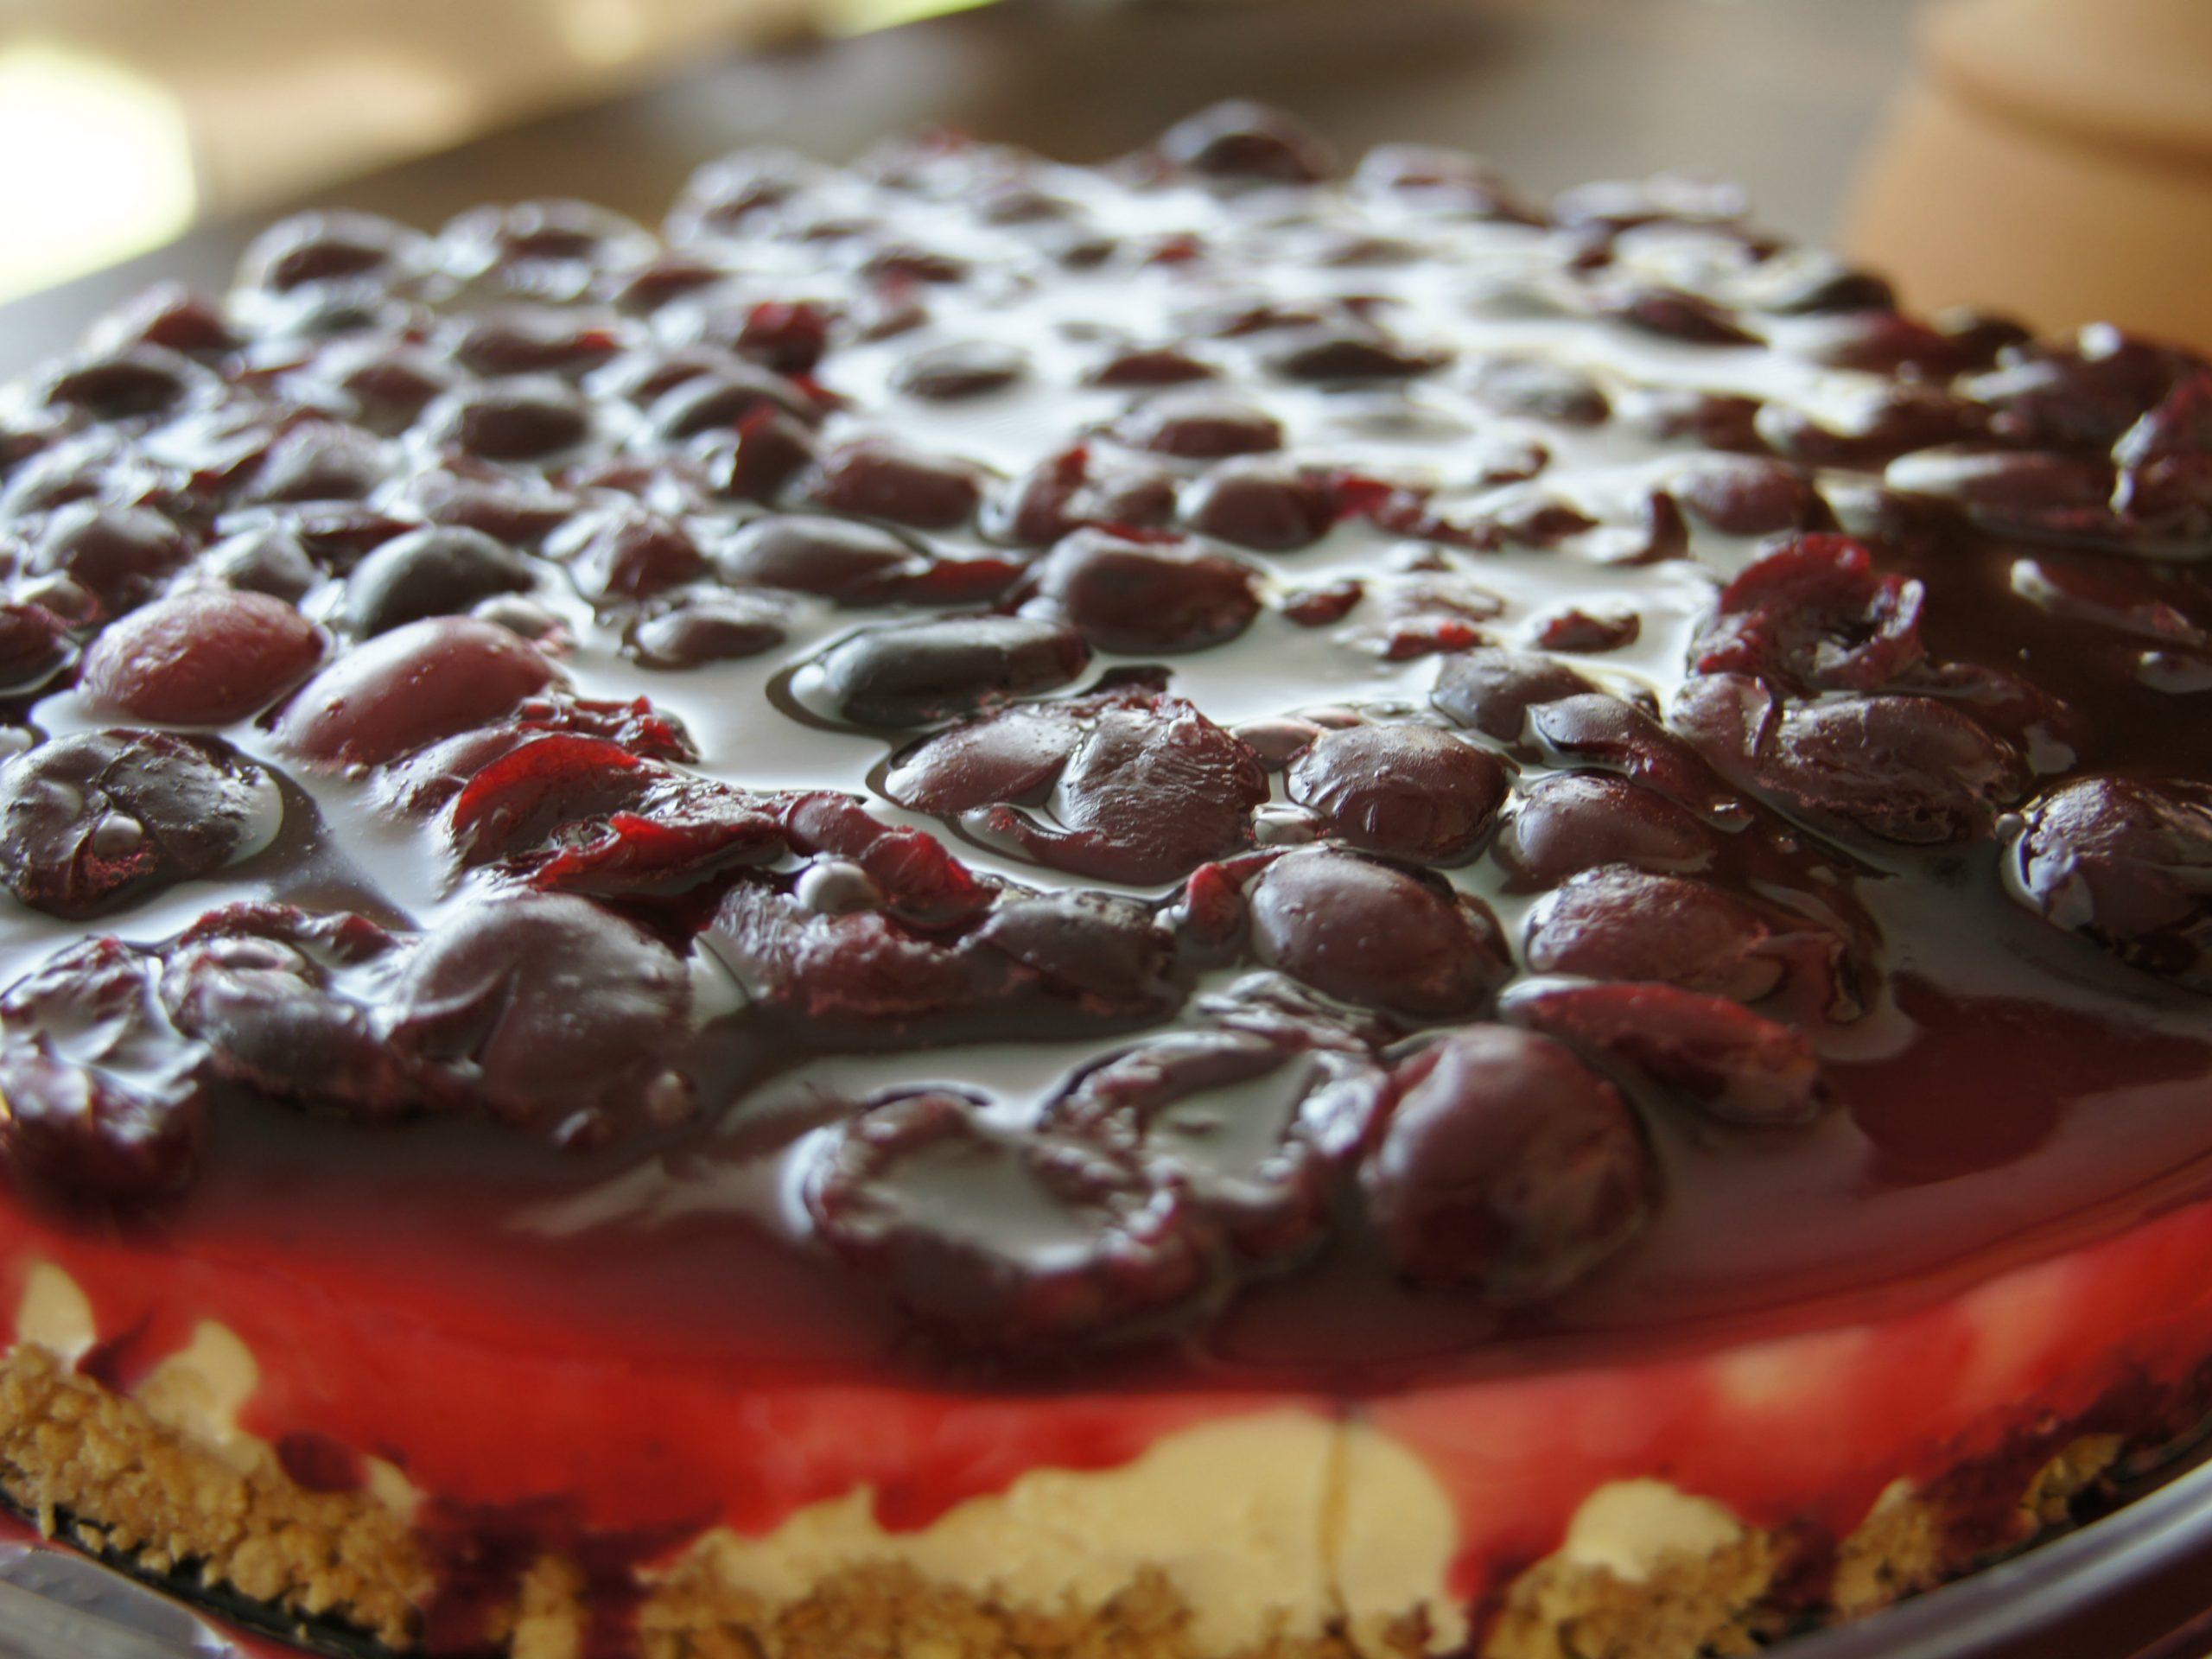 O cheesecake de cereja de Manuel Luís Goucha